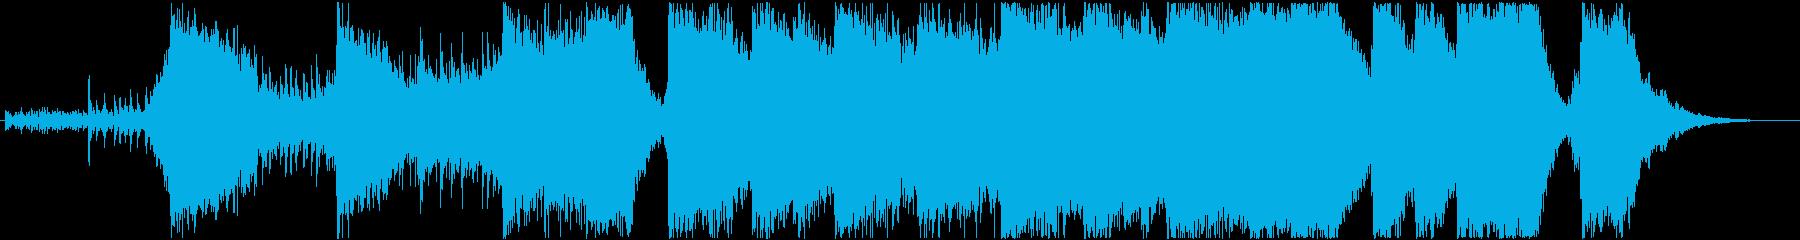 アクションハイブリッドトレイラーの再生済みの波形